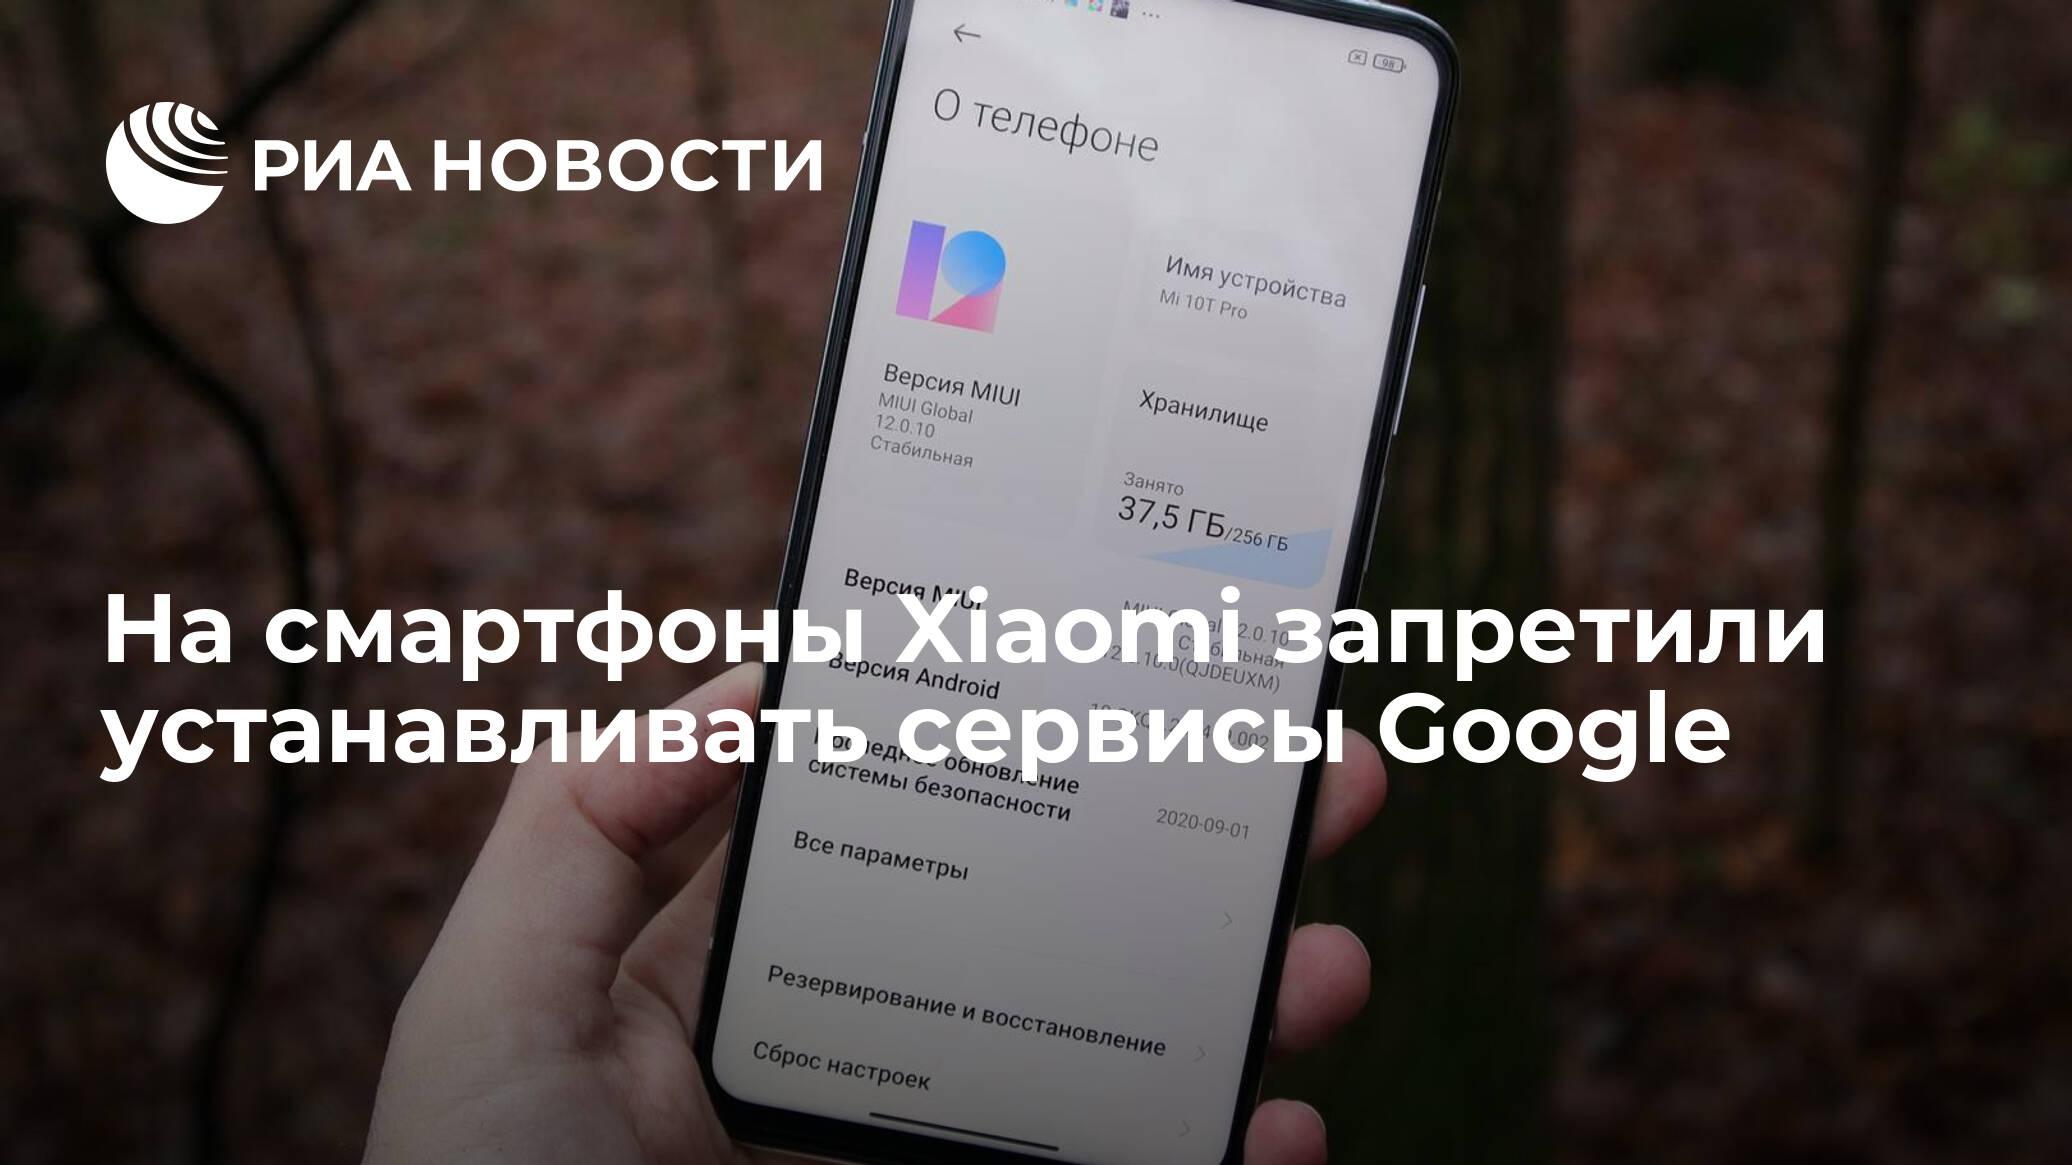 На смартфоны Xiaomi запретили устанавливать сервисы Google - РИА НОВОСТИ